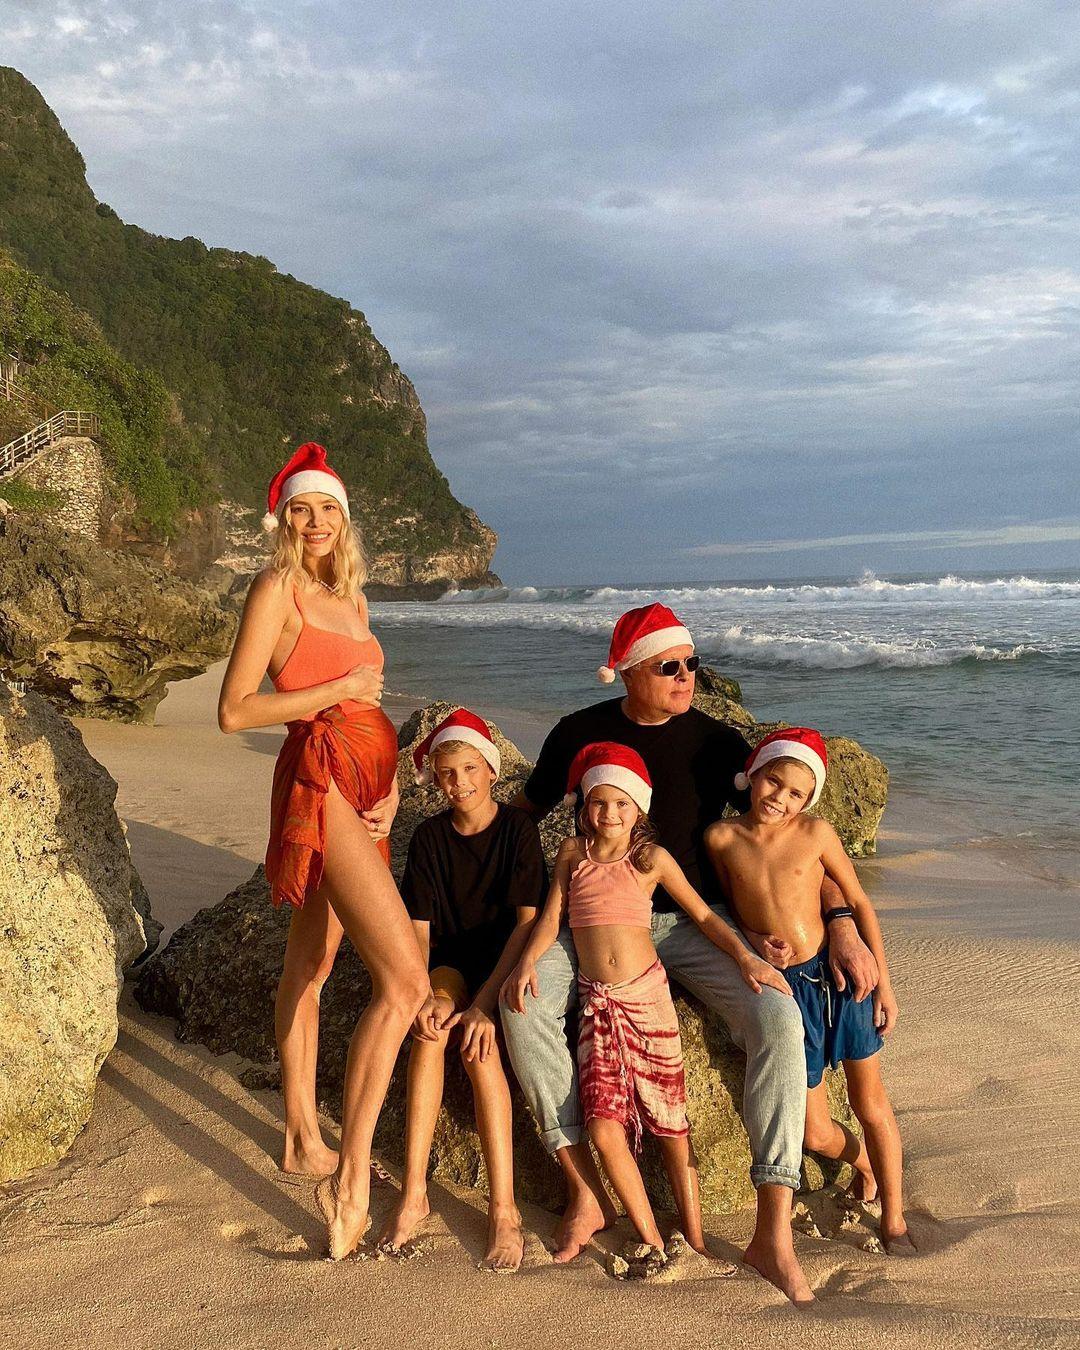 Лена Перминова с мужем Александром Лебедевым и детьми на острове Комодо в Индонезии. Фото: @lenaperminova